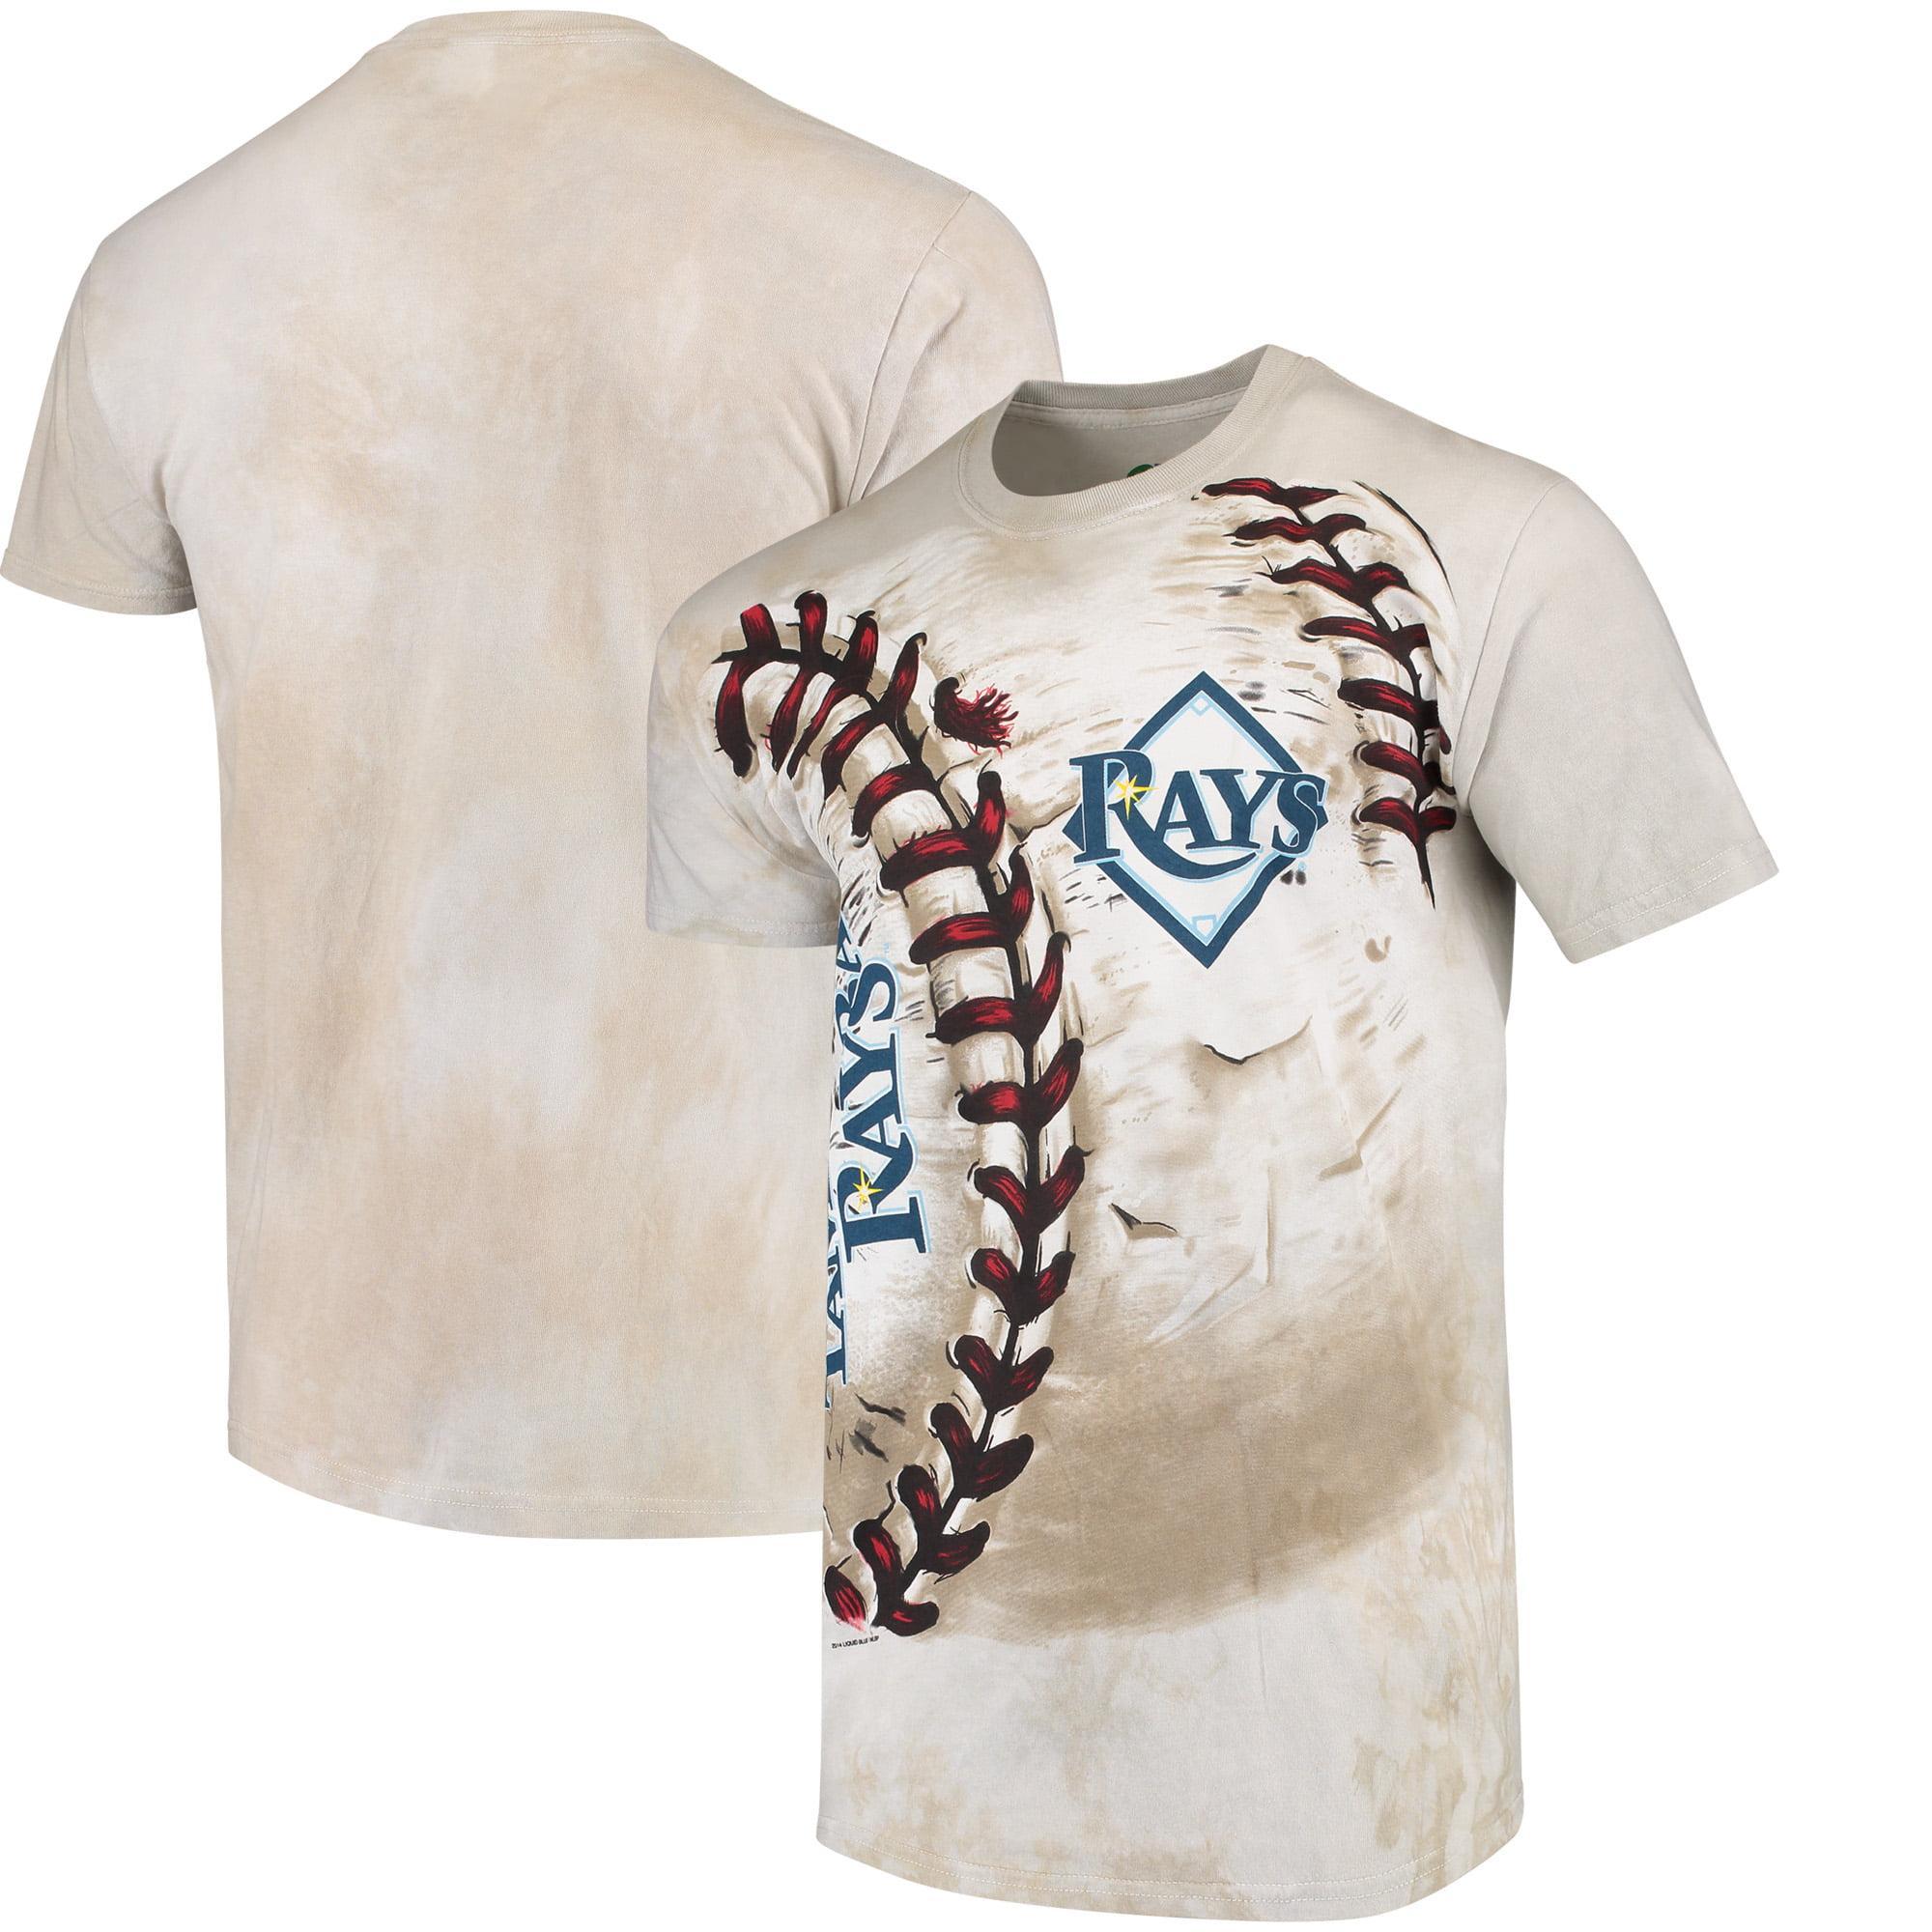 Tampa Bay Rays Hardball Tie-Dye T- Shirt - Cream